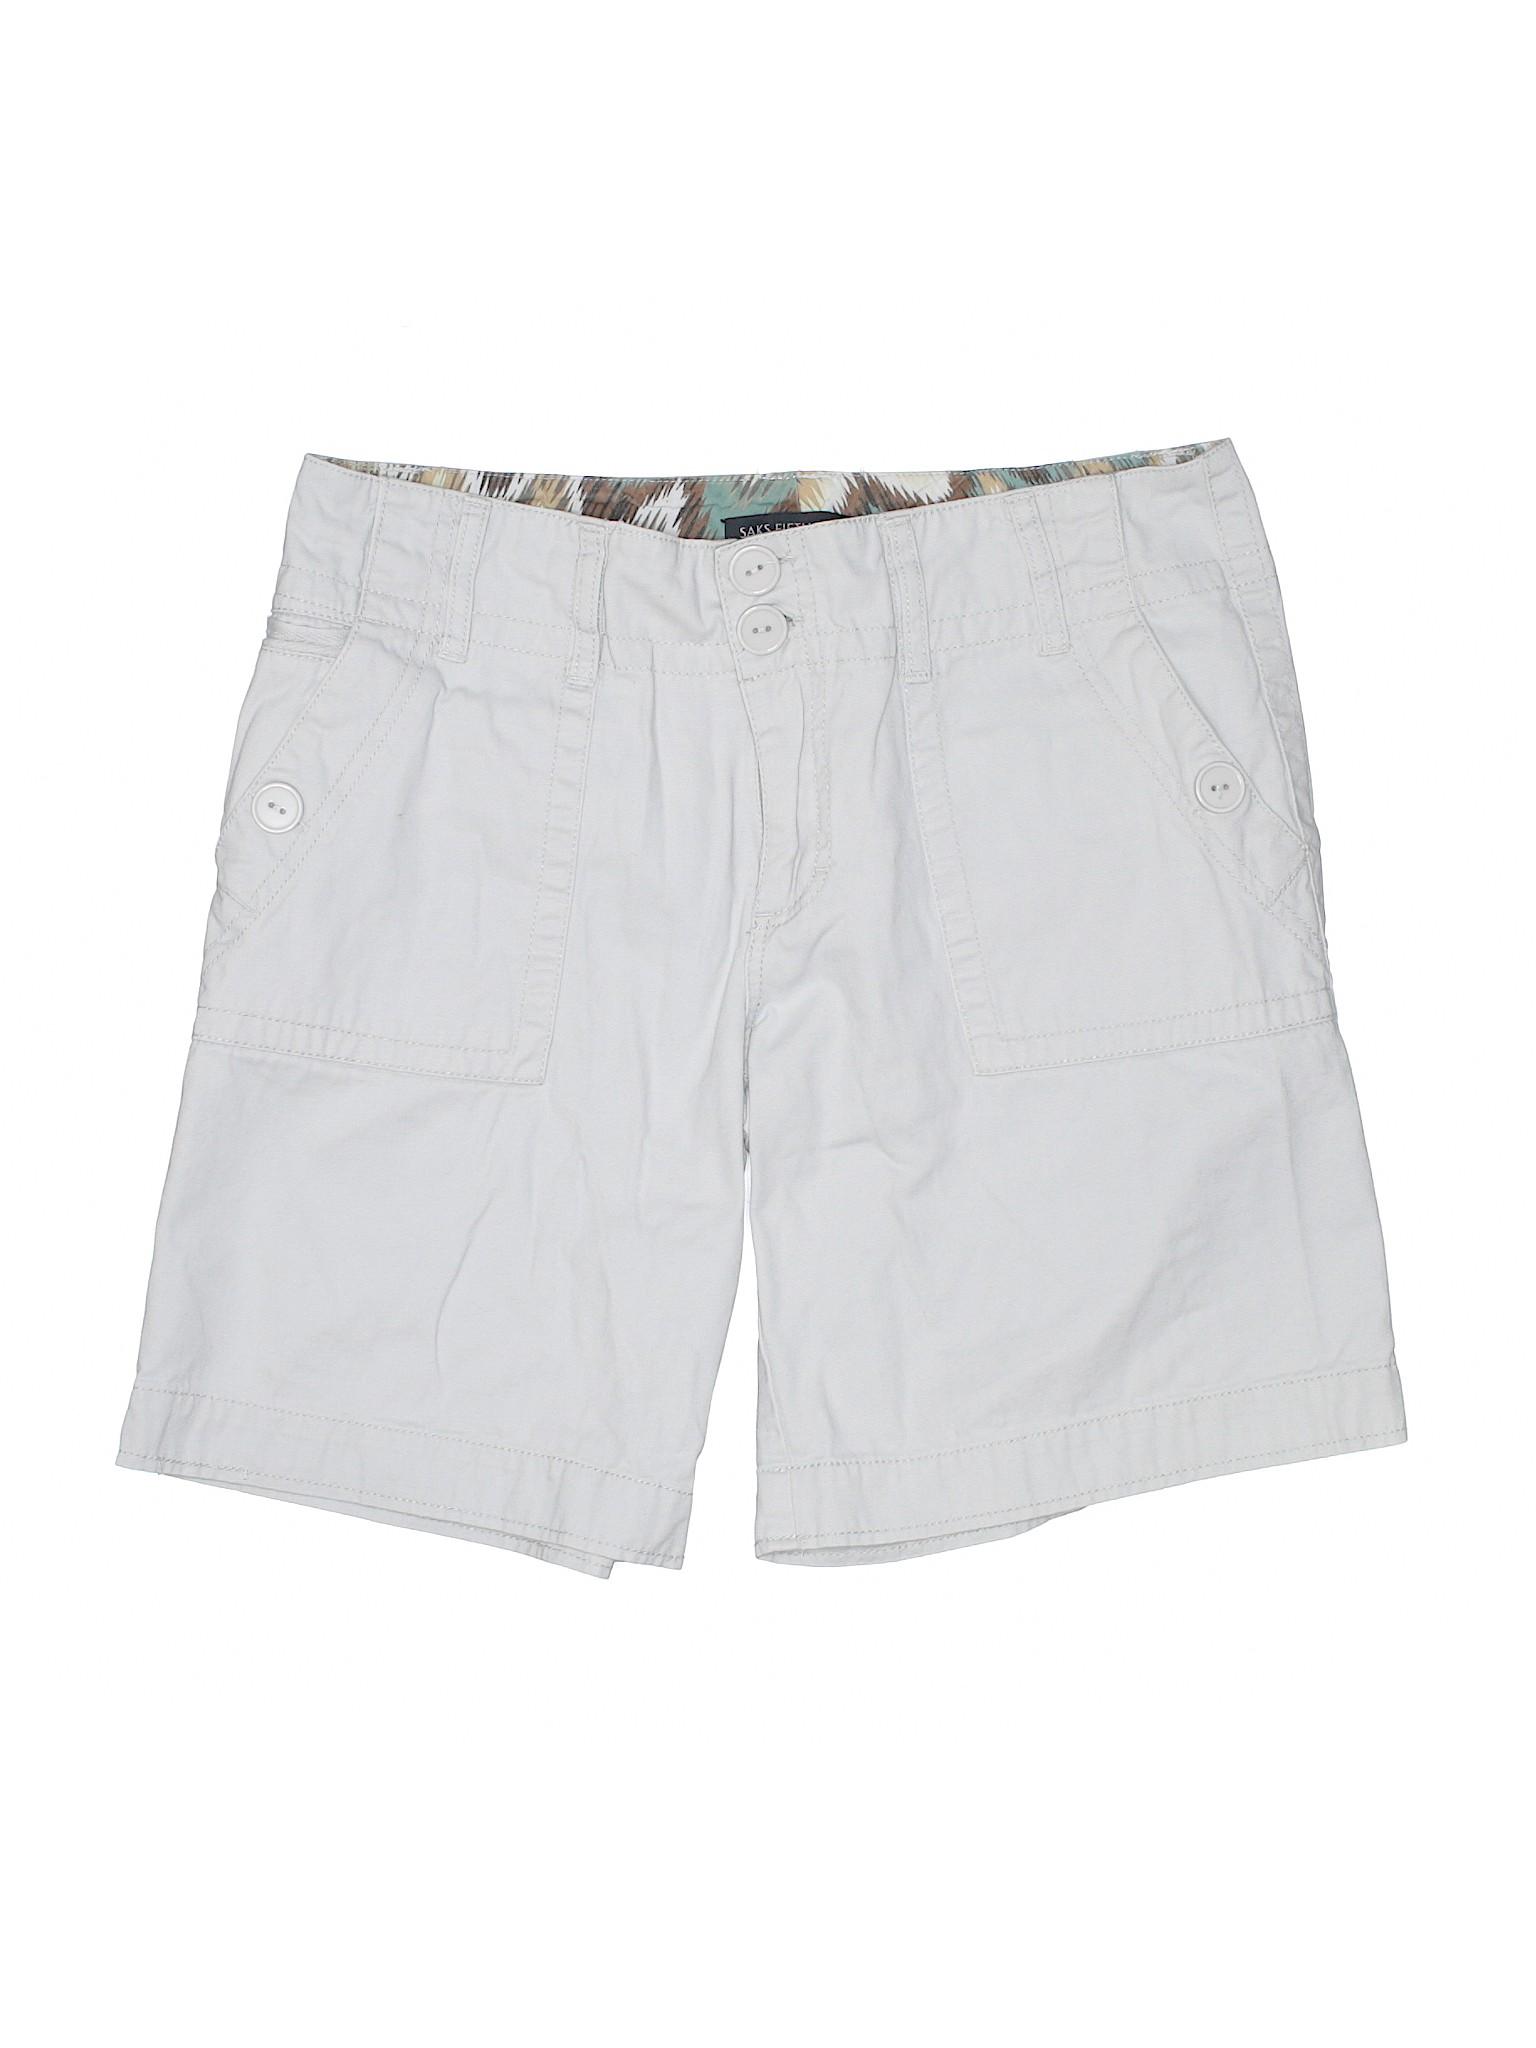 Saks Shorts Boutique Saks Avenue Shorts Boutique Saks Shorts Boutique Fifth Avenue Avenue Fifth Boutique Fifth Pnq4ZxA6Fx